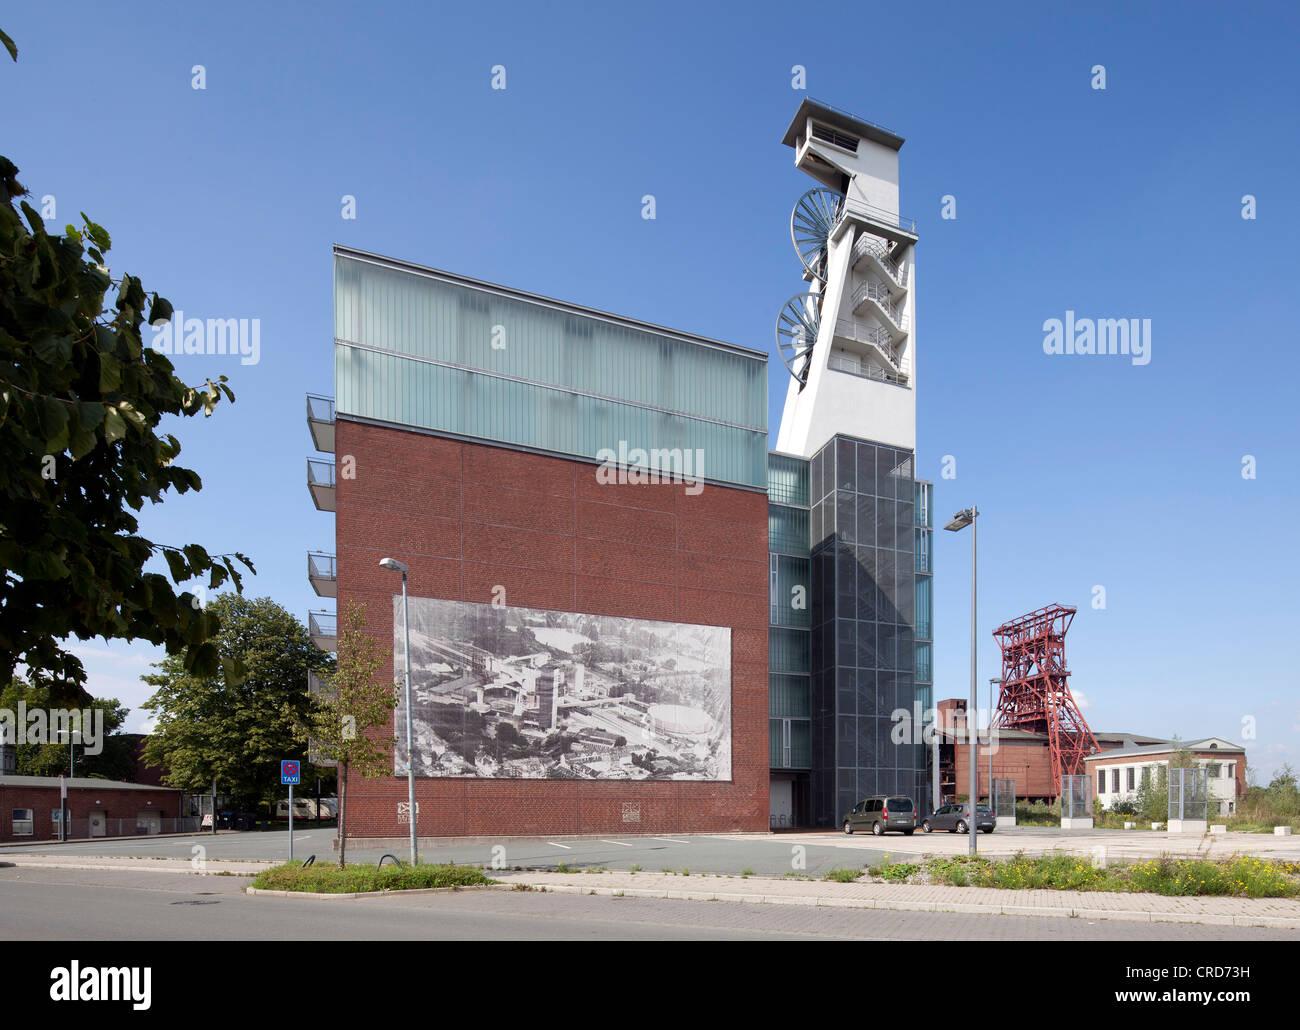 Ehemalige Konsolidierung Coal Mine Industriekomplex, Consol Kulturzentrum, Probe Musikzentrum, Gelsenkirchen, Ruhrgebiet Stockbild